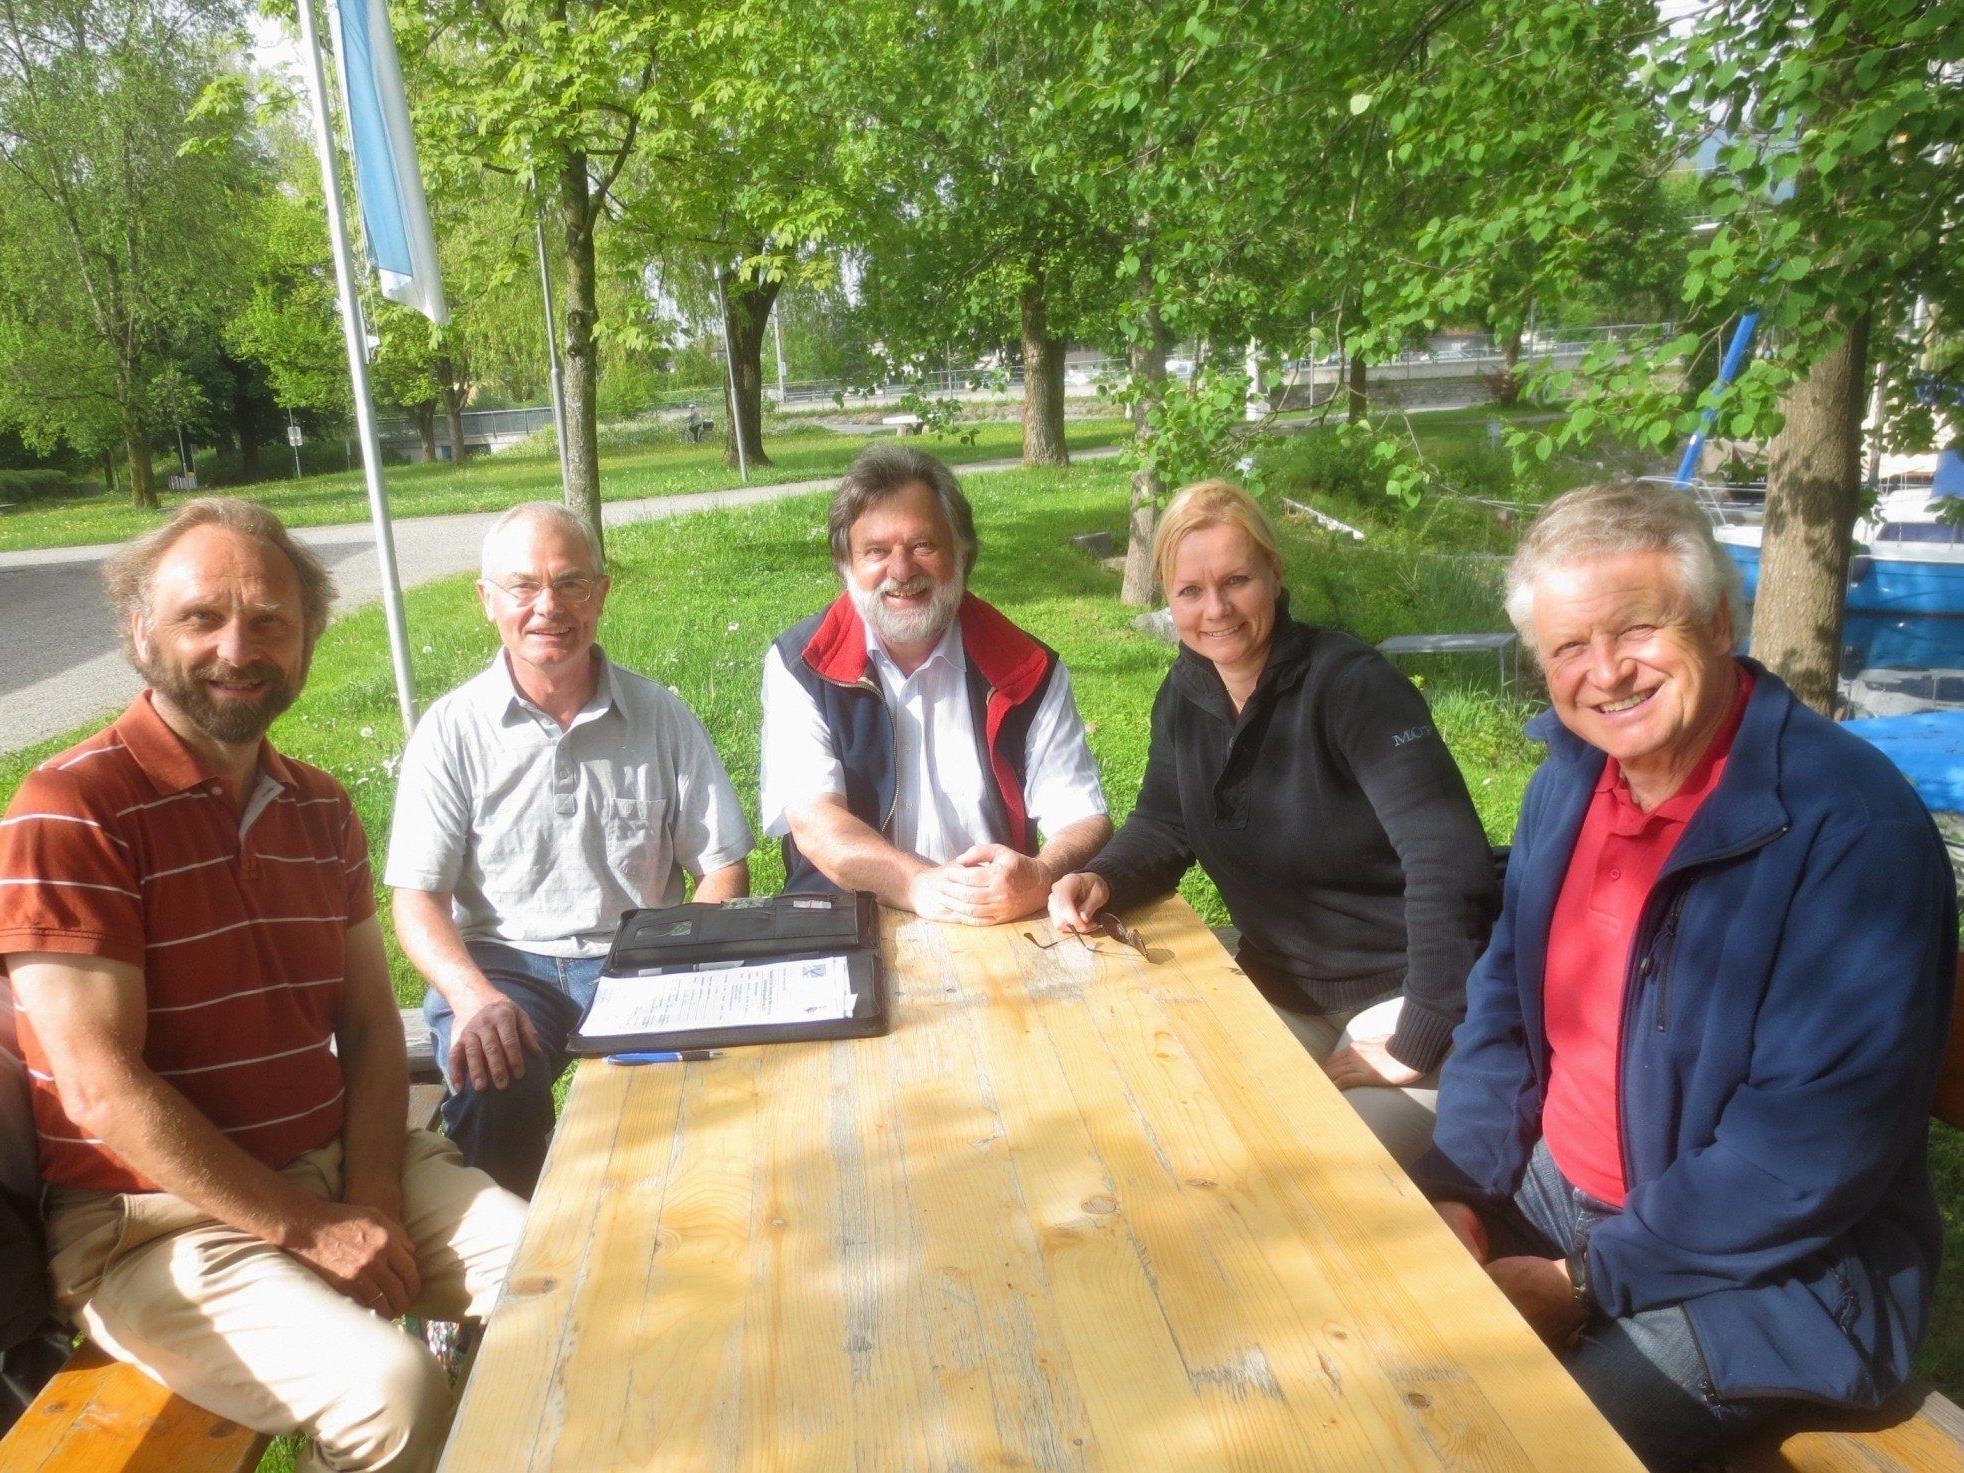 Audit im Lochauer Hafen mit Erhard Ploss (Uferverwaltung), Prüfer Martin Amann (IWGB), Werner Sporer (Segelschule Sporer Yachting), Caroline Gehrer (Obfrau Uferausschuss) und Benno Wagner (Präsident Lochauer Yachtclub).